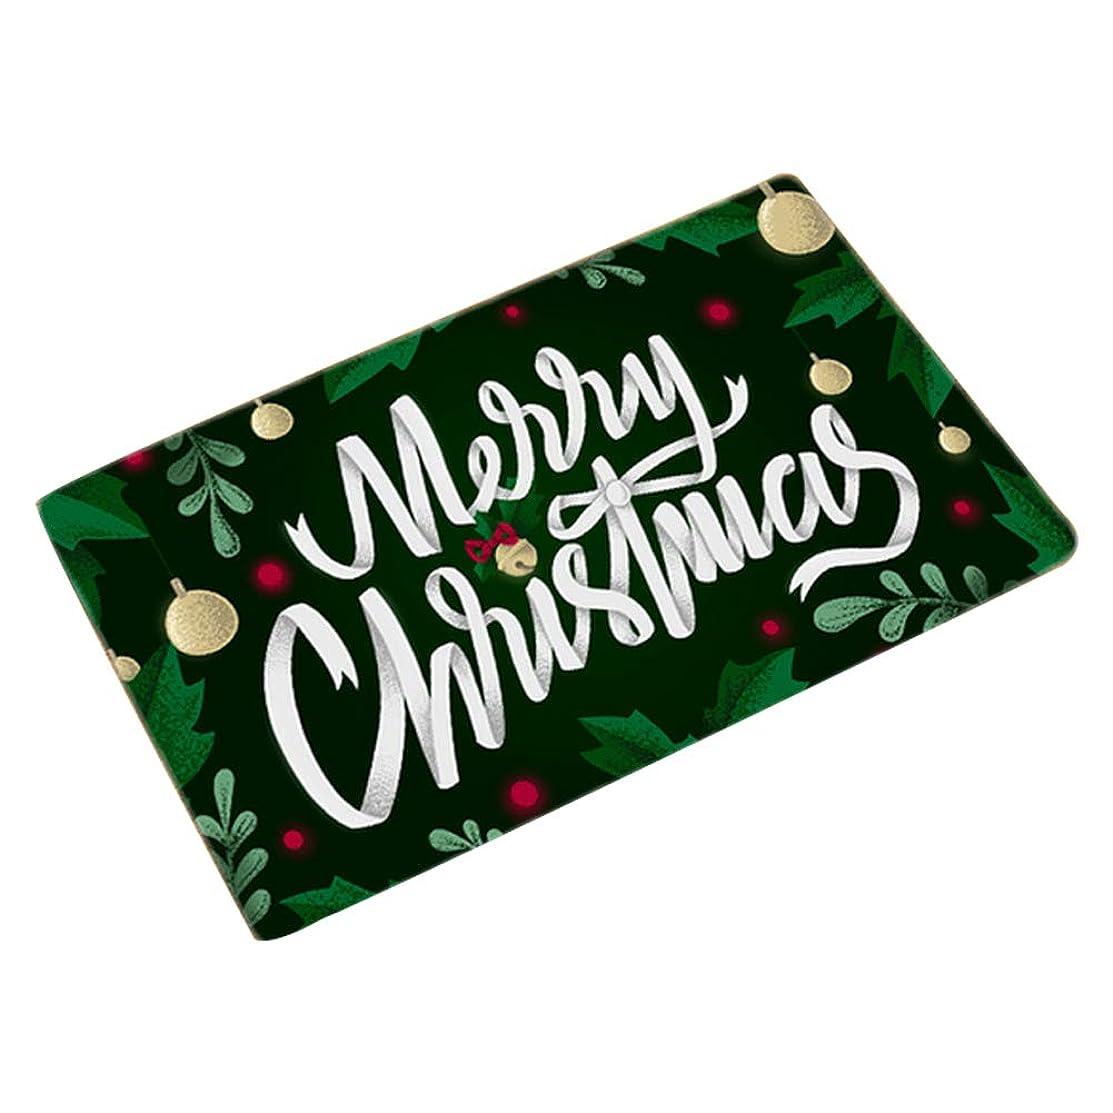 実用的苦難ラフトヨーロッパのカスタムホームパッド玄関マット北欧スリップマットノンスリップパターン豪華なクリスマスの玄関マット50×80センチ(スタイルの72種類)